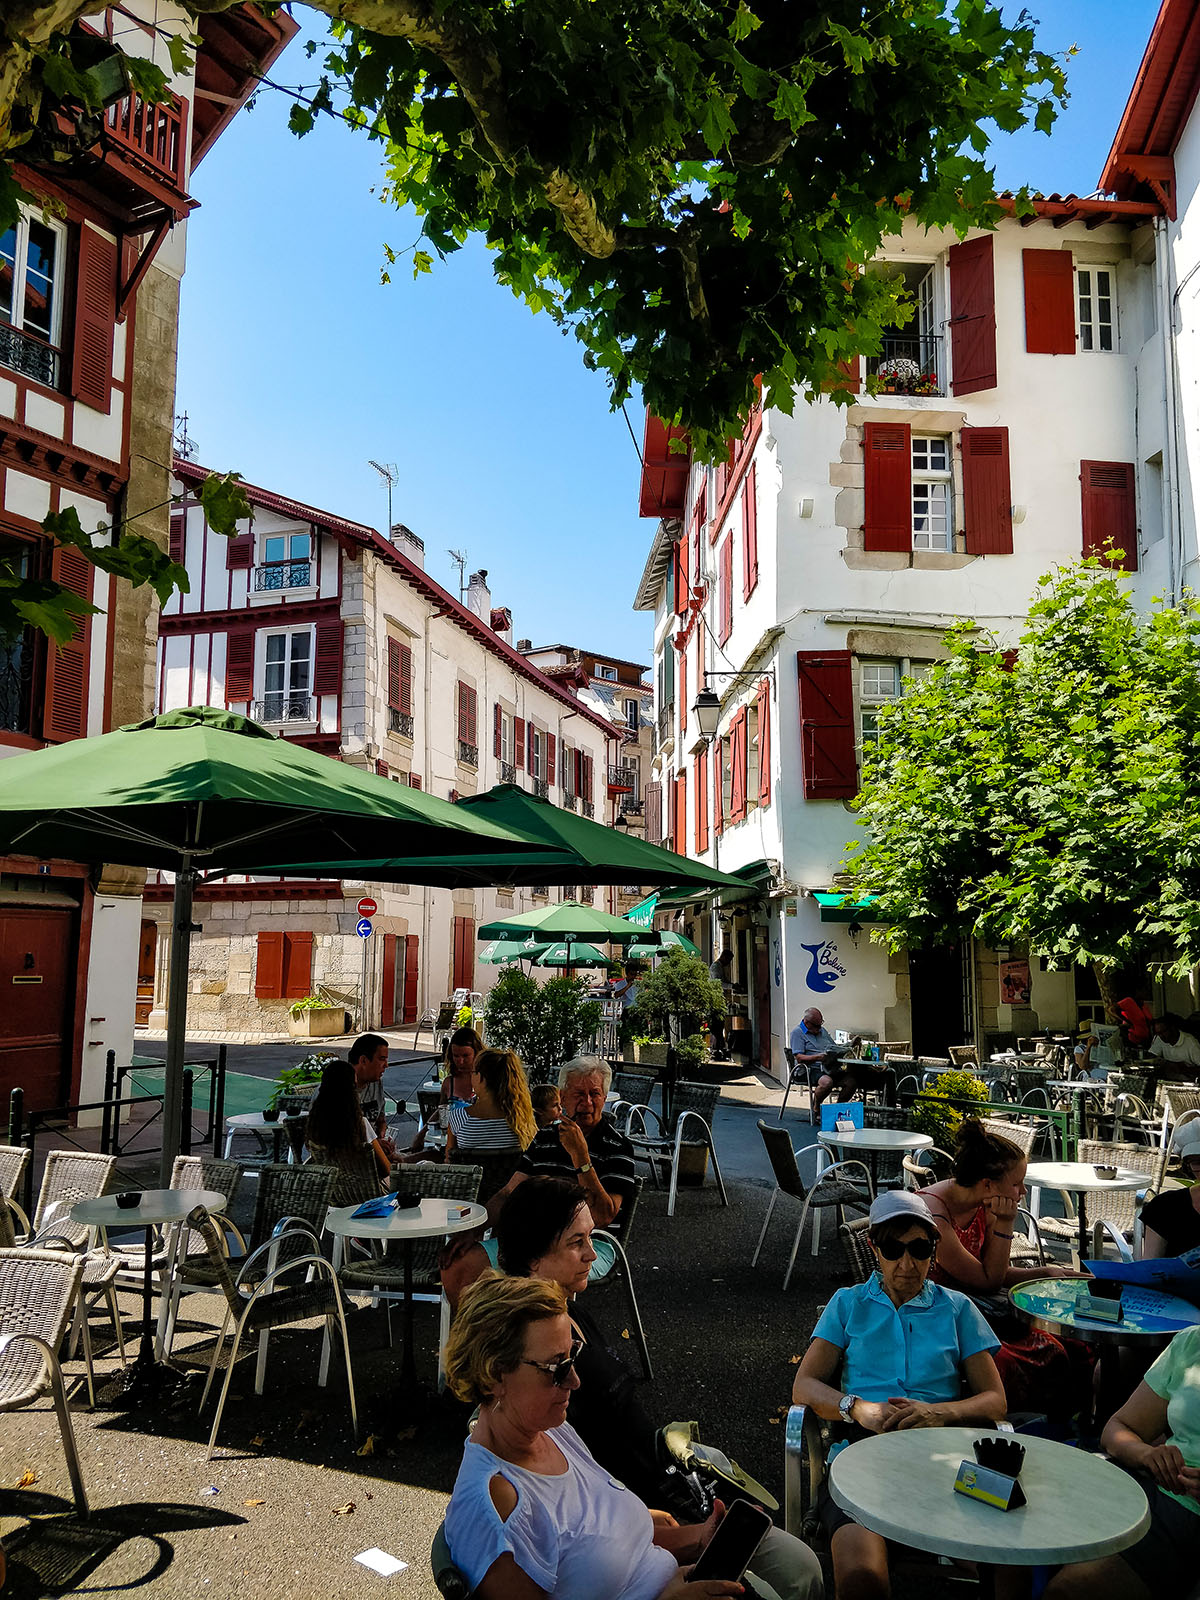 visite de Saint-Jean-de-Luz, pays basque